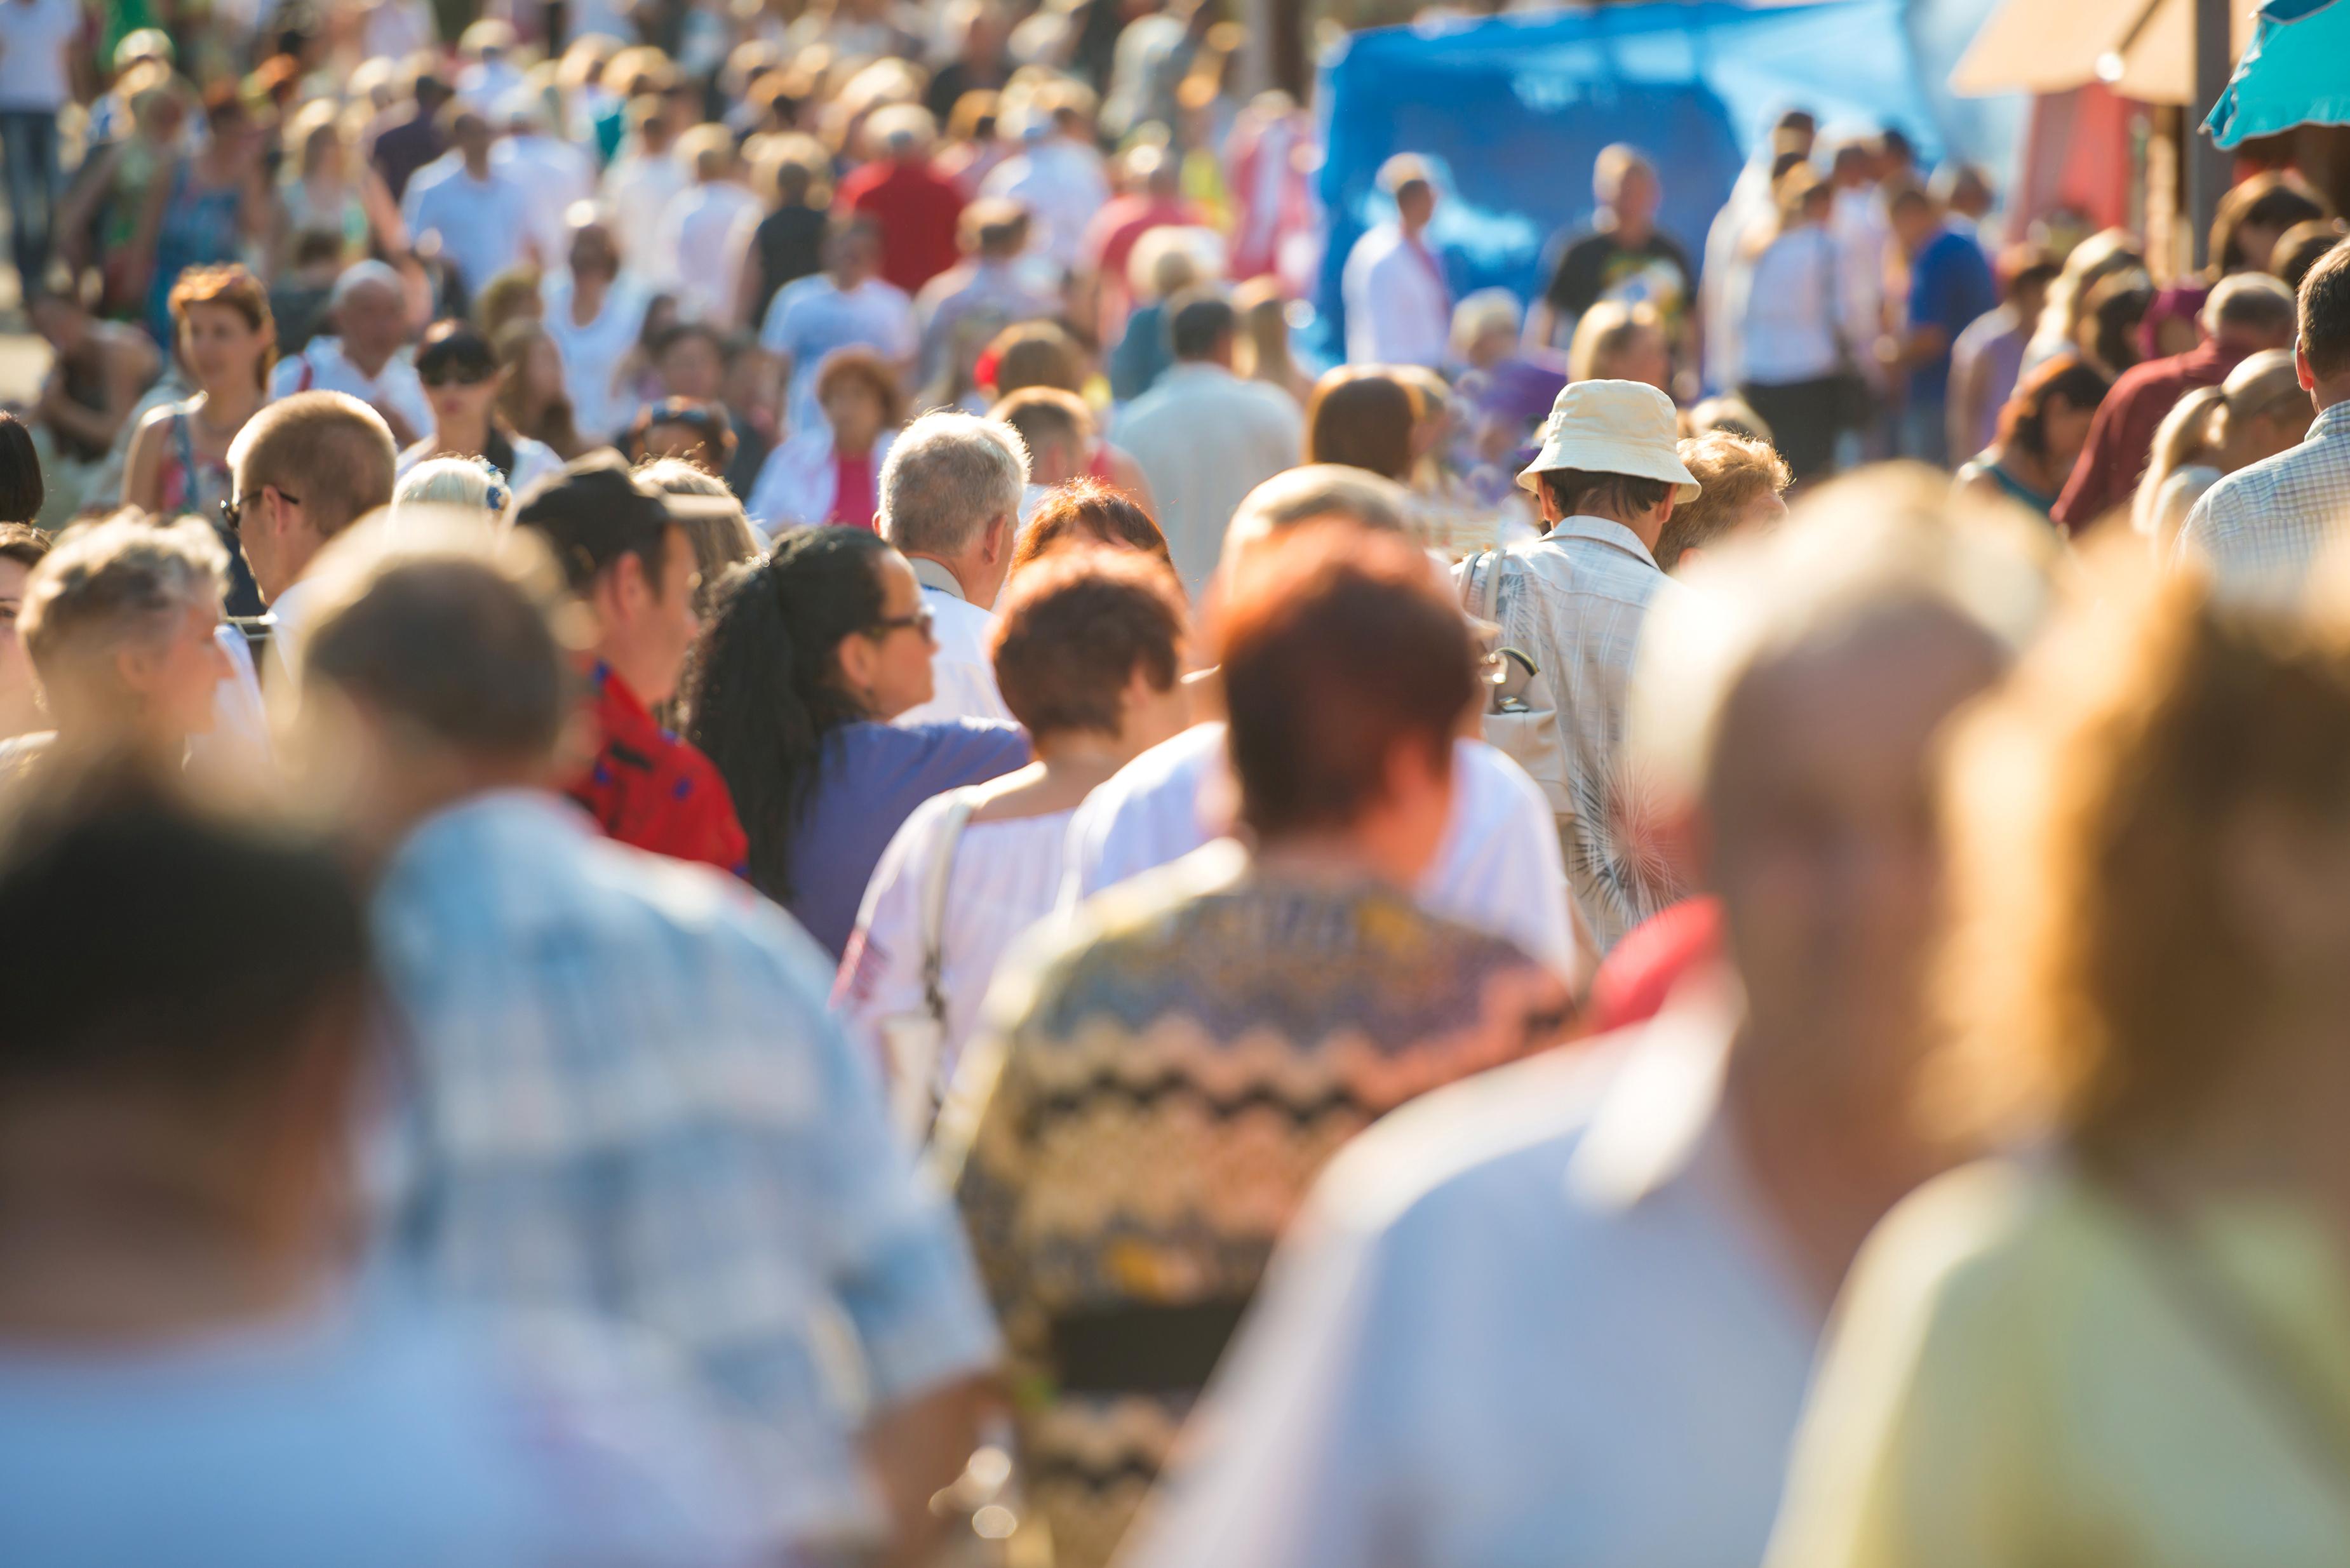 População em Portugal volta a diminuir pelo nono ano consecutivo